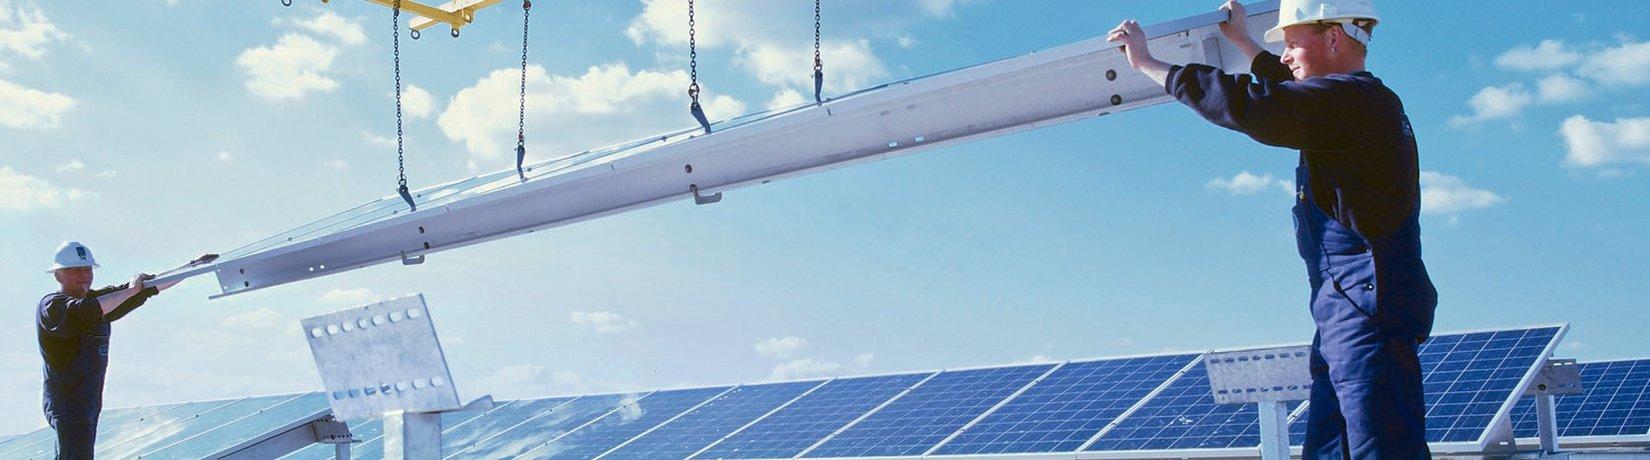 SolarCluster Montage Dacharbeiten Solarzellen